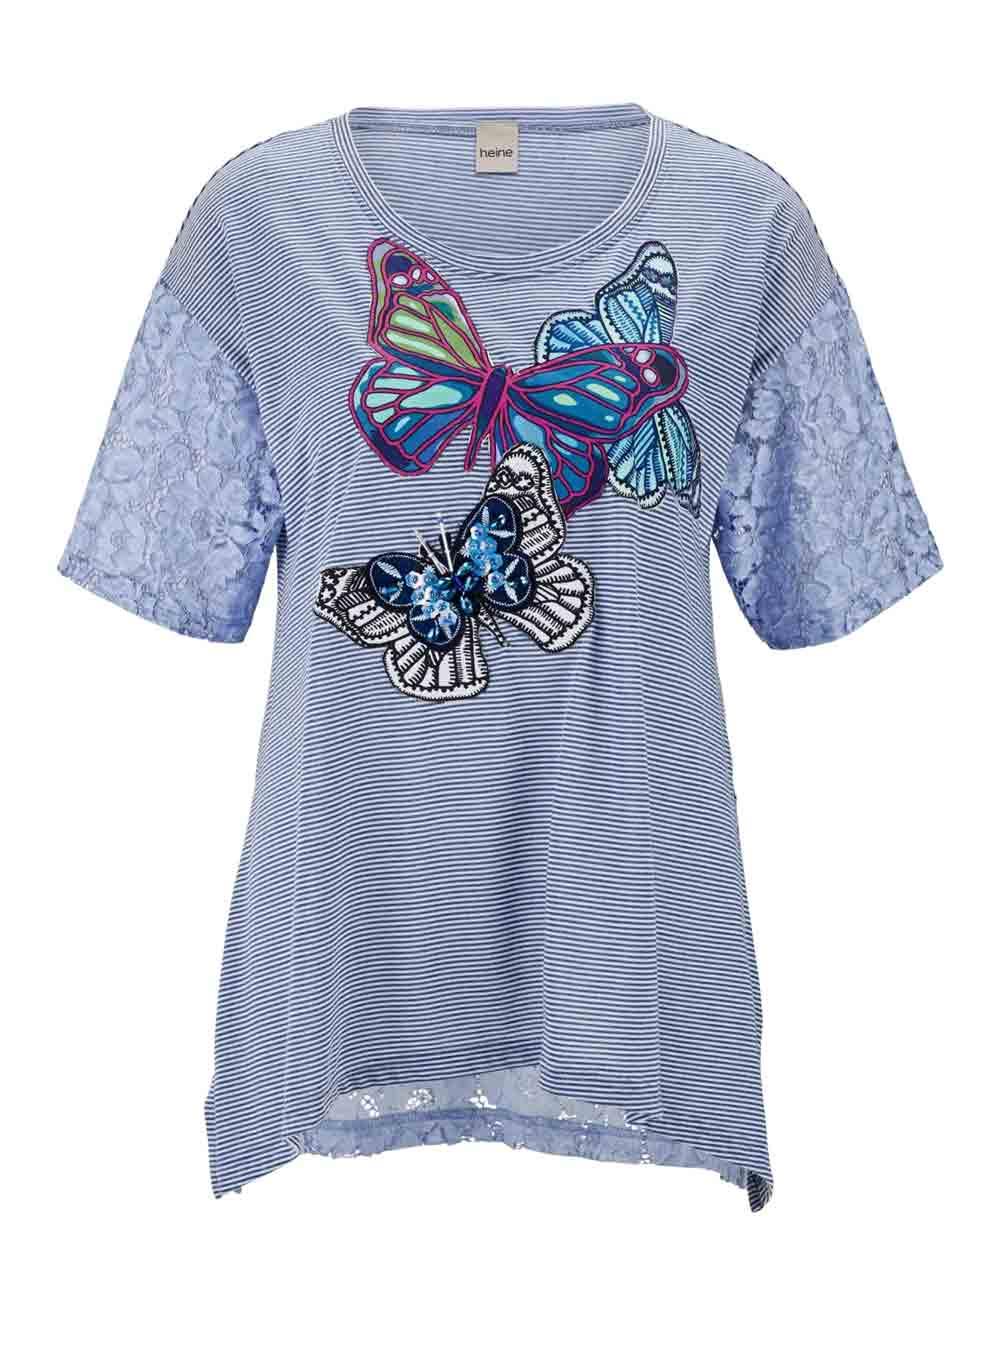 480.425 HEINE Damen Designer-Jerseyshirt m. Spitze Blau-Bunt